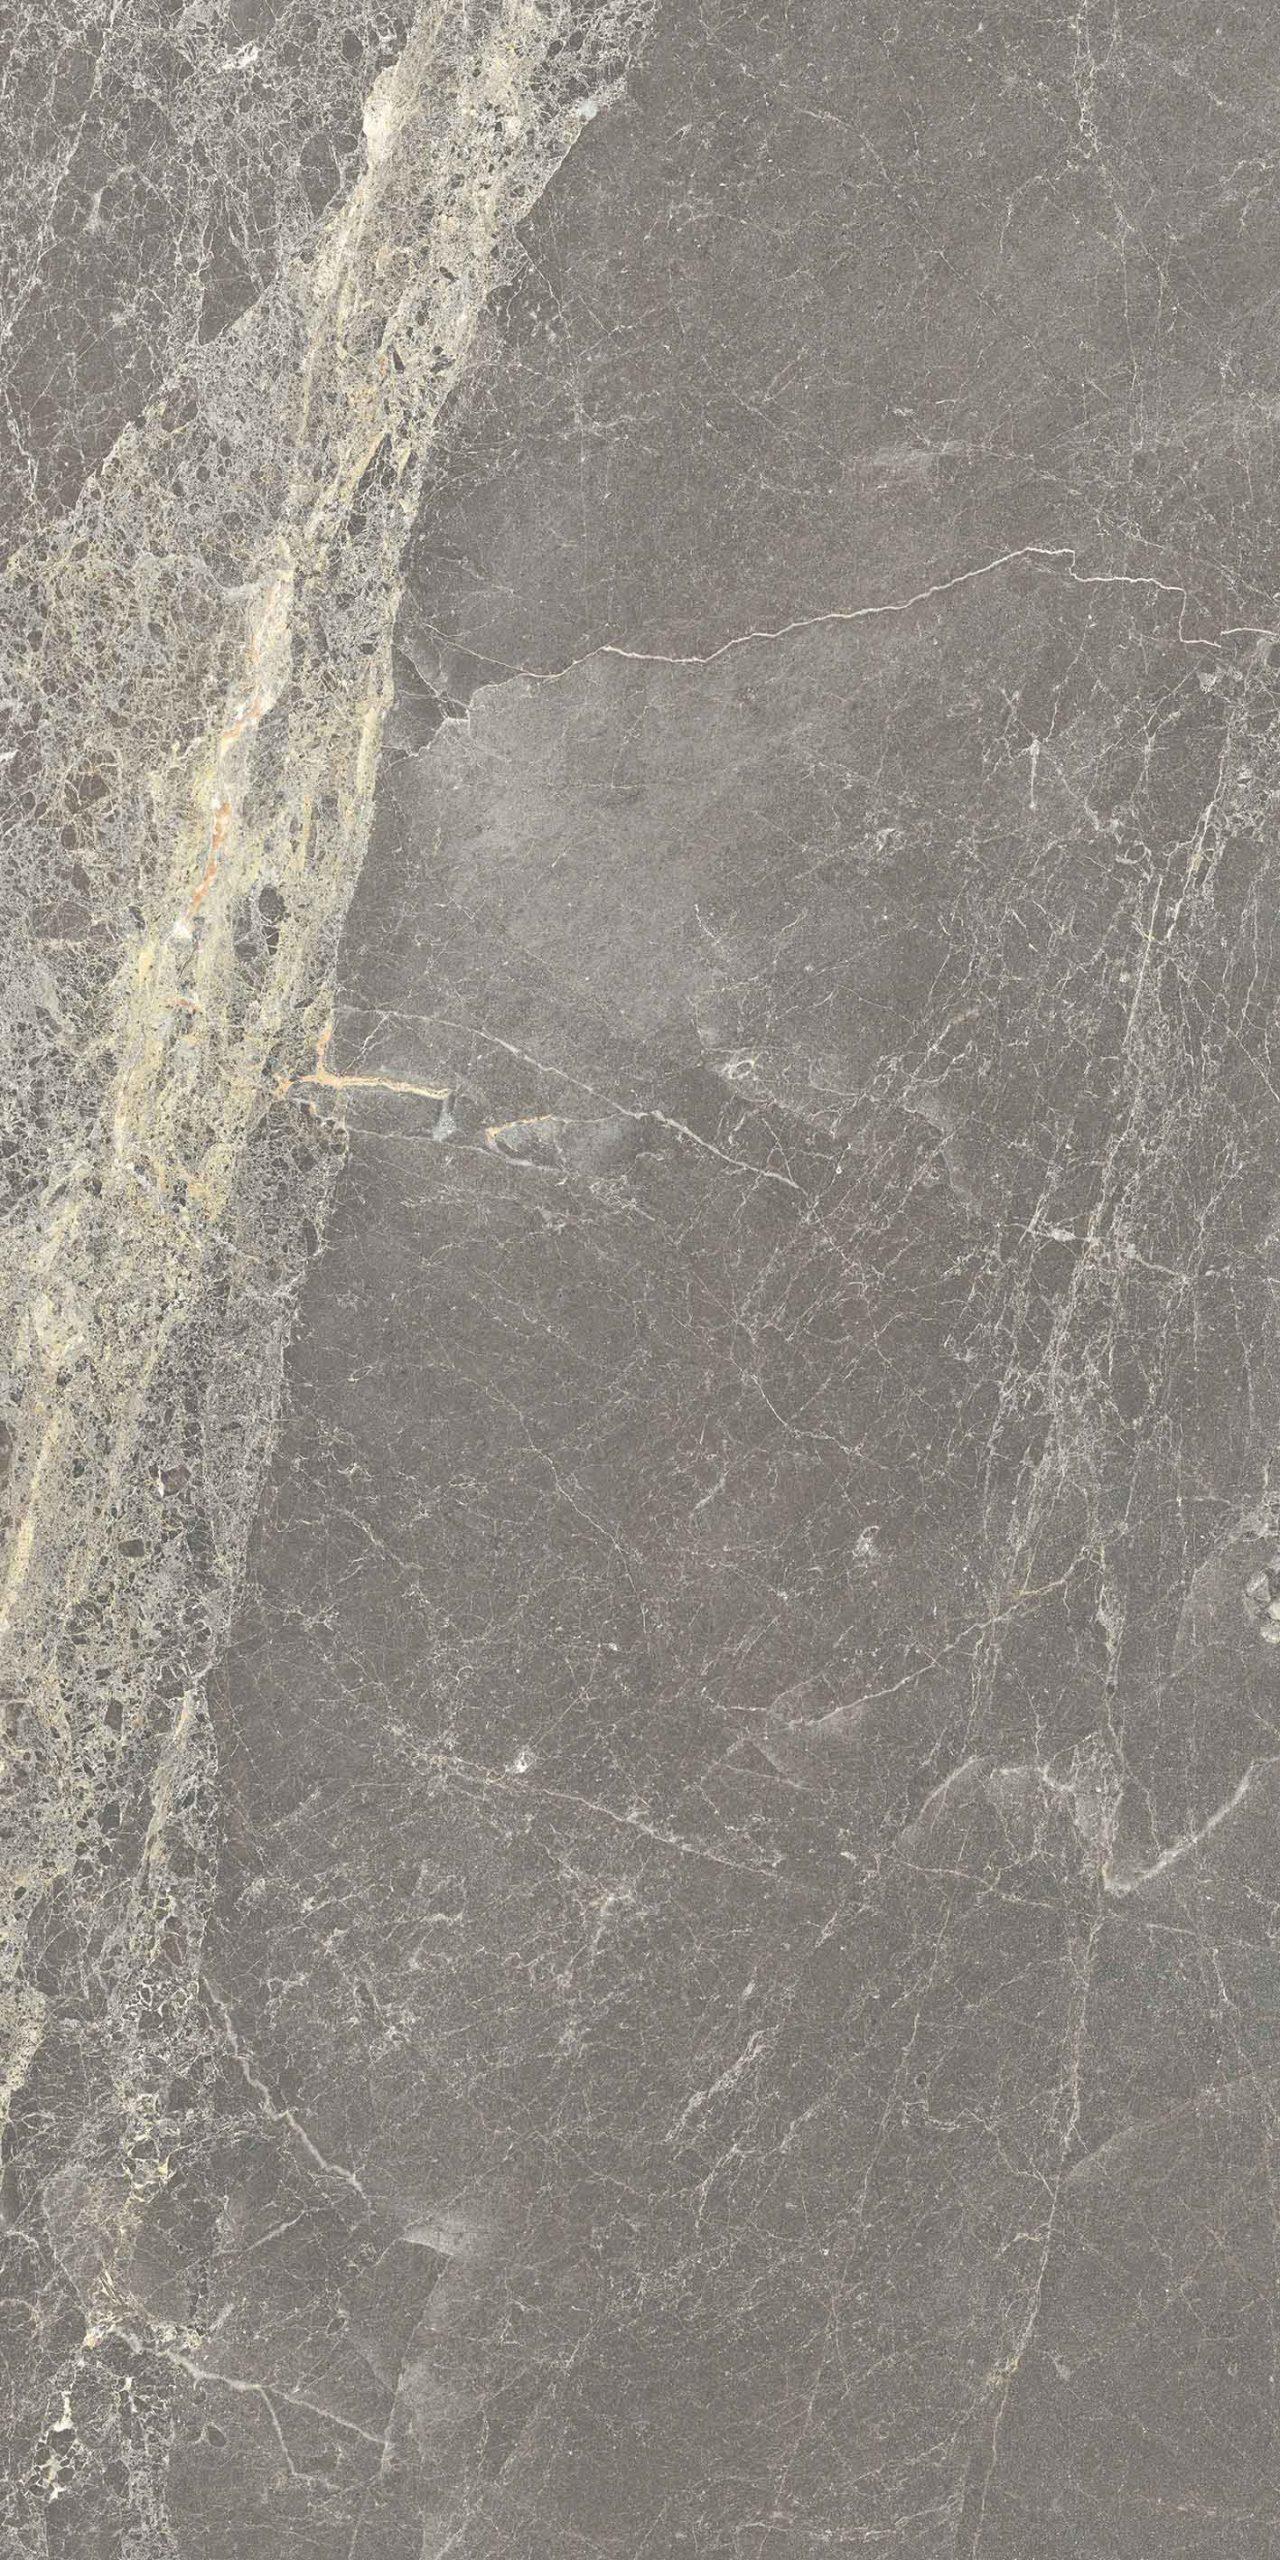 Exalt of Cerim Gray Lace Matte 10mm 60 x 60